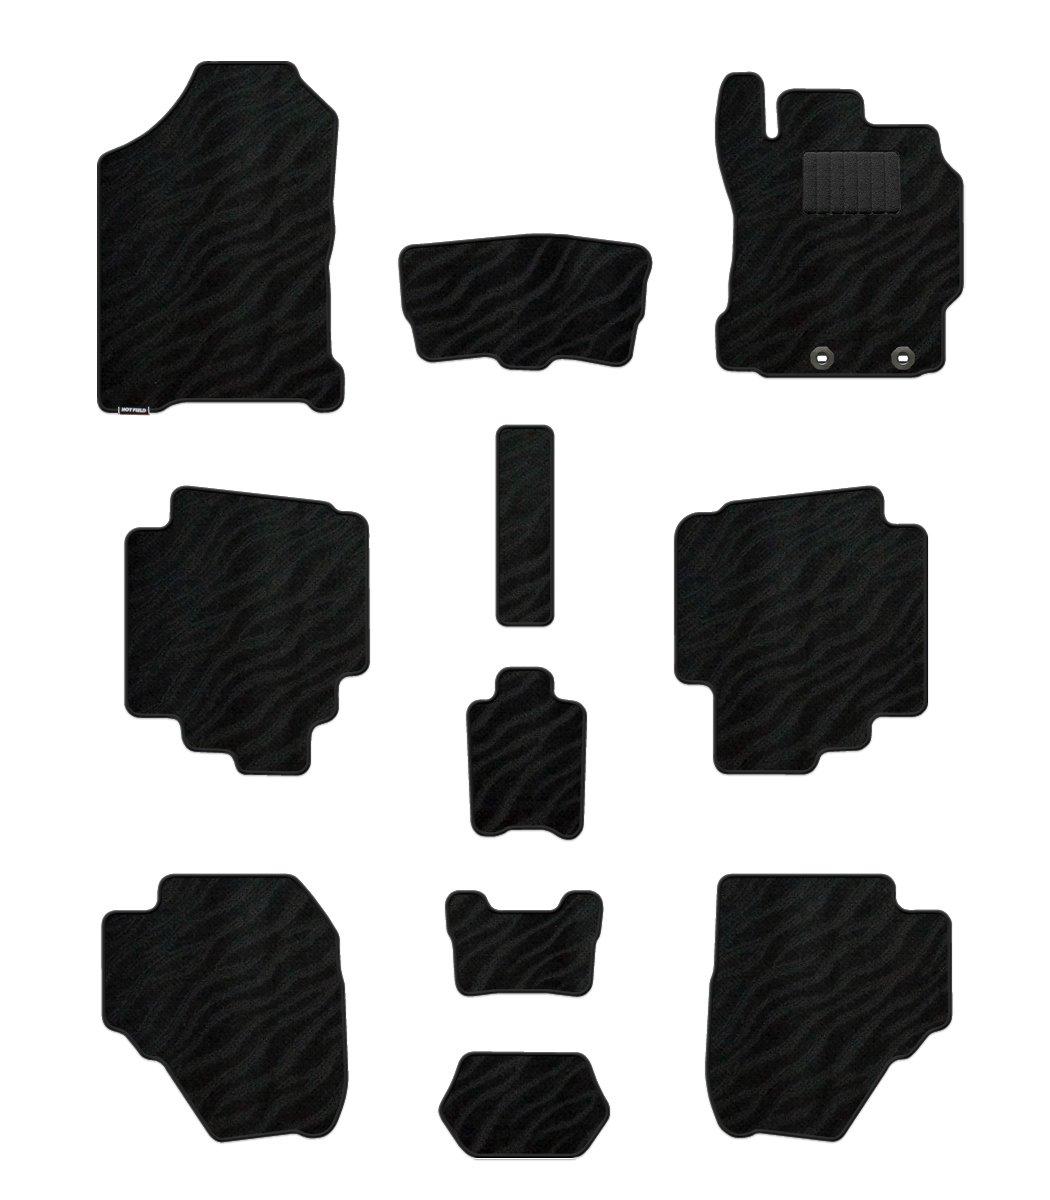 Hotfield トヨタ シエンタ フロアマット 新型 170G 175G ガソリン車/【4WD駆動】 WAVEブラック B012UOKSIW ガソリン車/【4WD駆動】|WAVEブラック WAVEブラック ガソリン車/【4WD駆動】